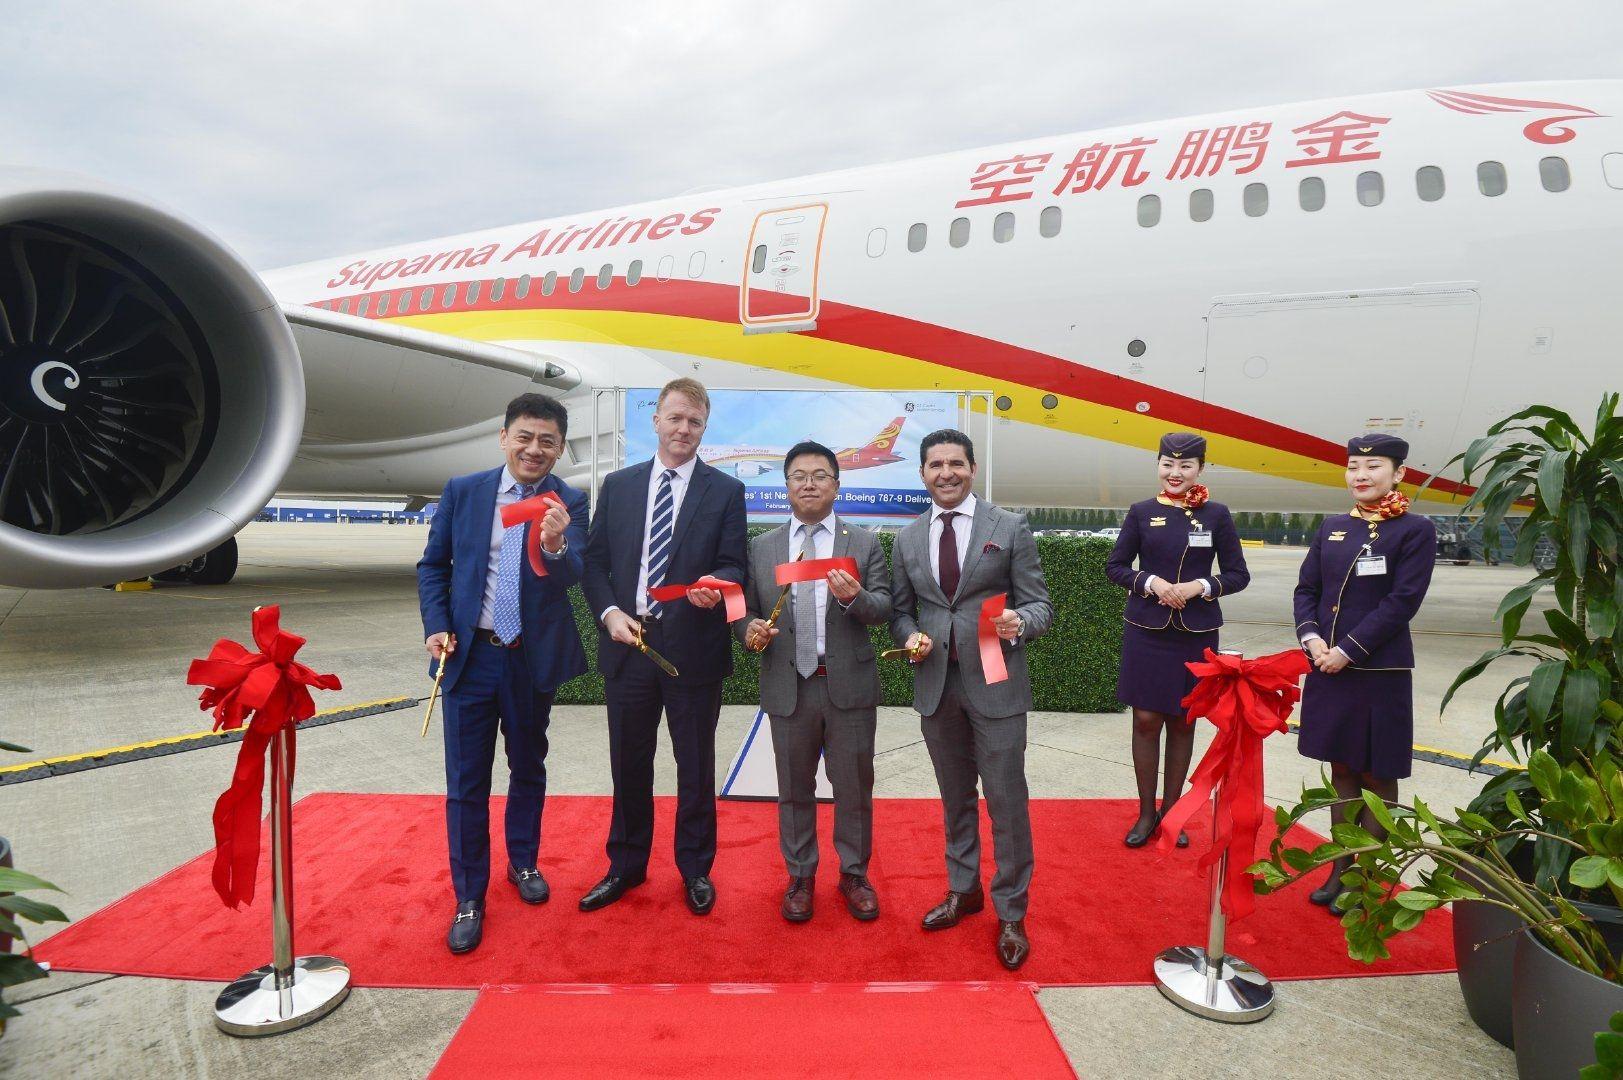 金鹏航空789客机月底开飞上海、三亚、郑州